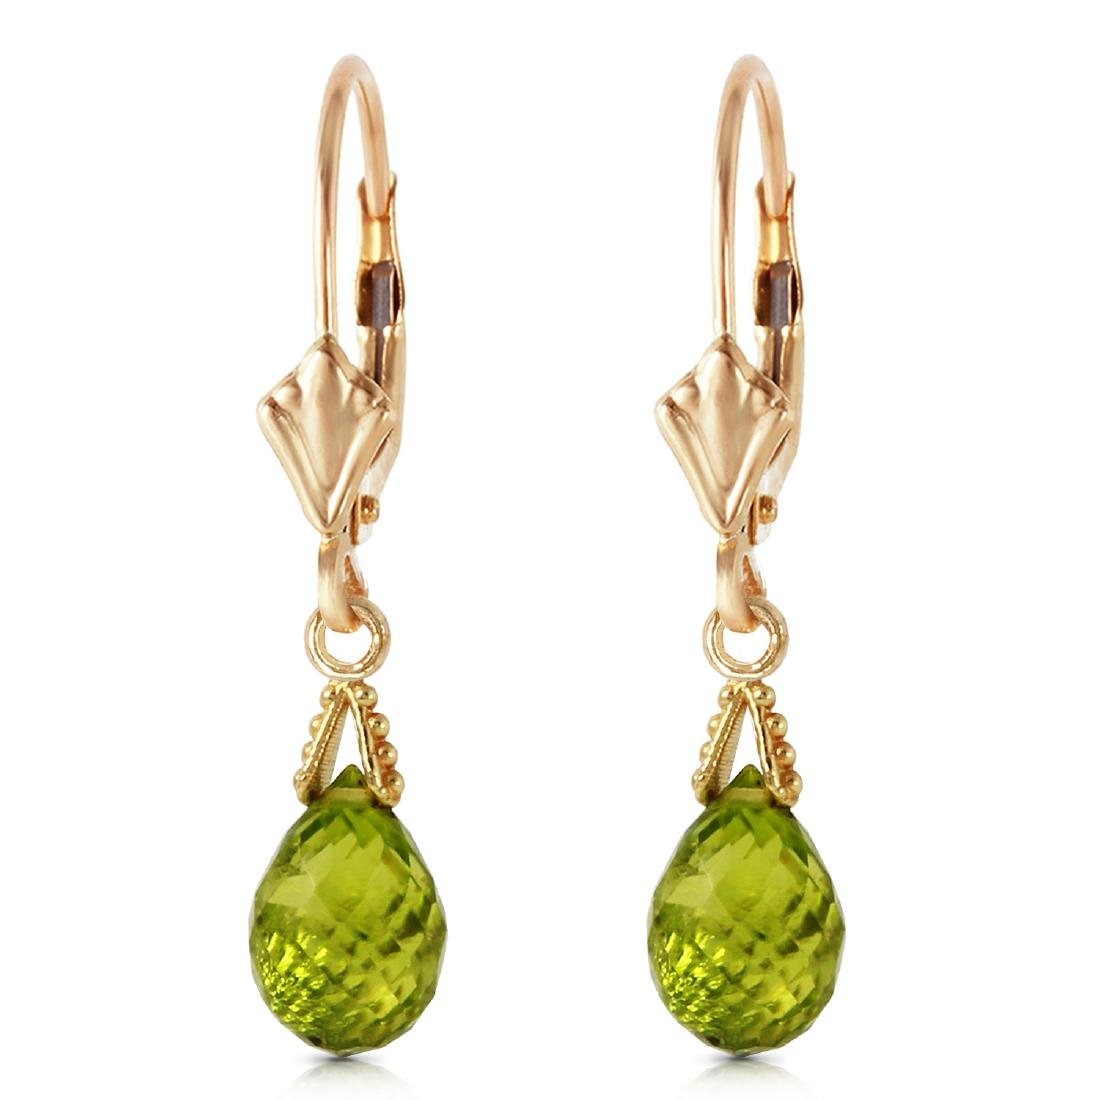 Genuine 4.5 ctw Peridot Earrings Jewelry 14KT Yellow